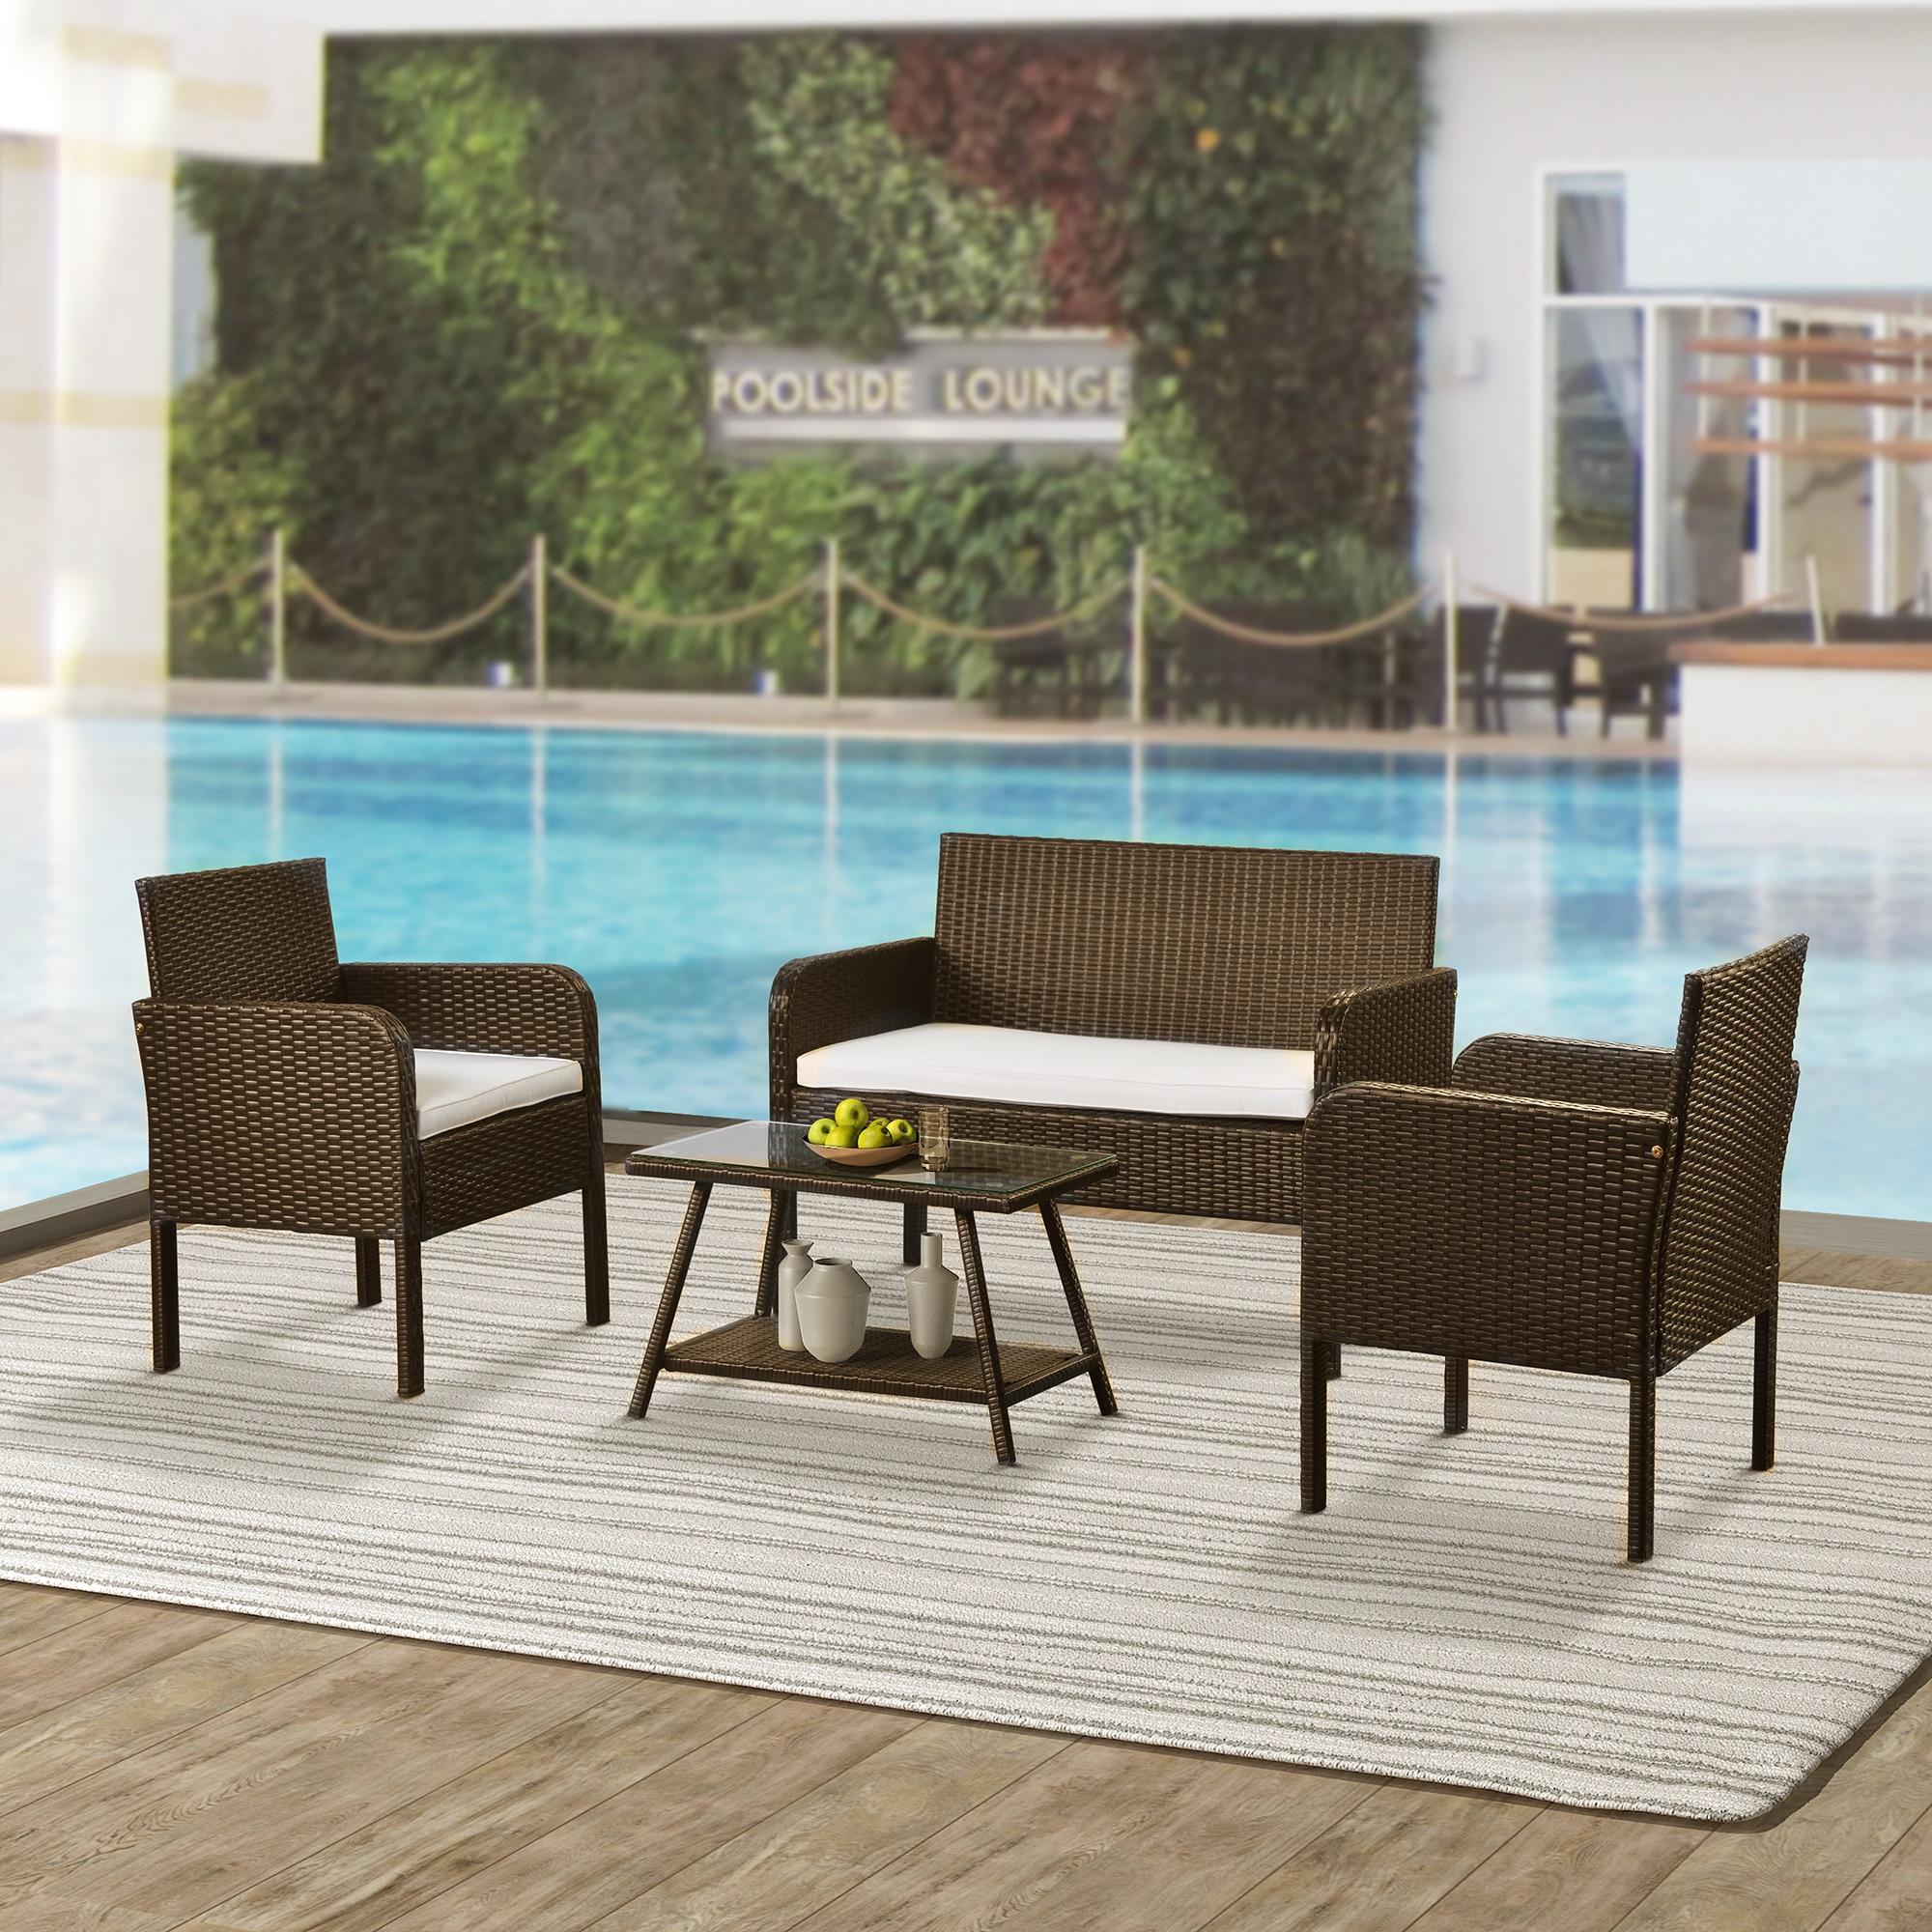 4 قطعة مجموعة اثاث الباحة في الهواء الطلق كرسي صوفا من الخيزران مجموعة الجلوس تشمل 1 أريكة 2 كرسي 1 طاولة القهوة البيج/الأزرق وسائد [US-مستودع]